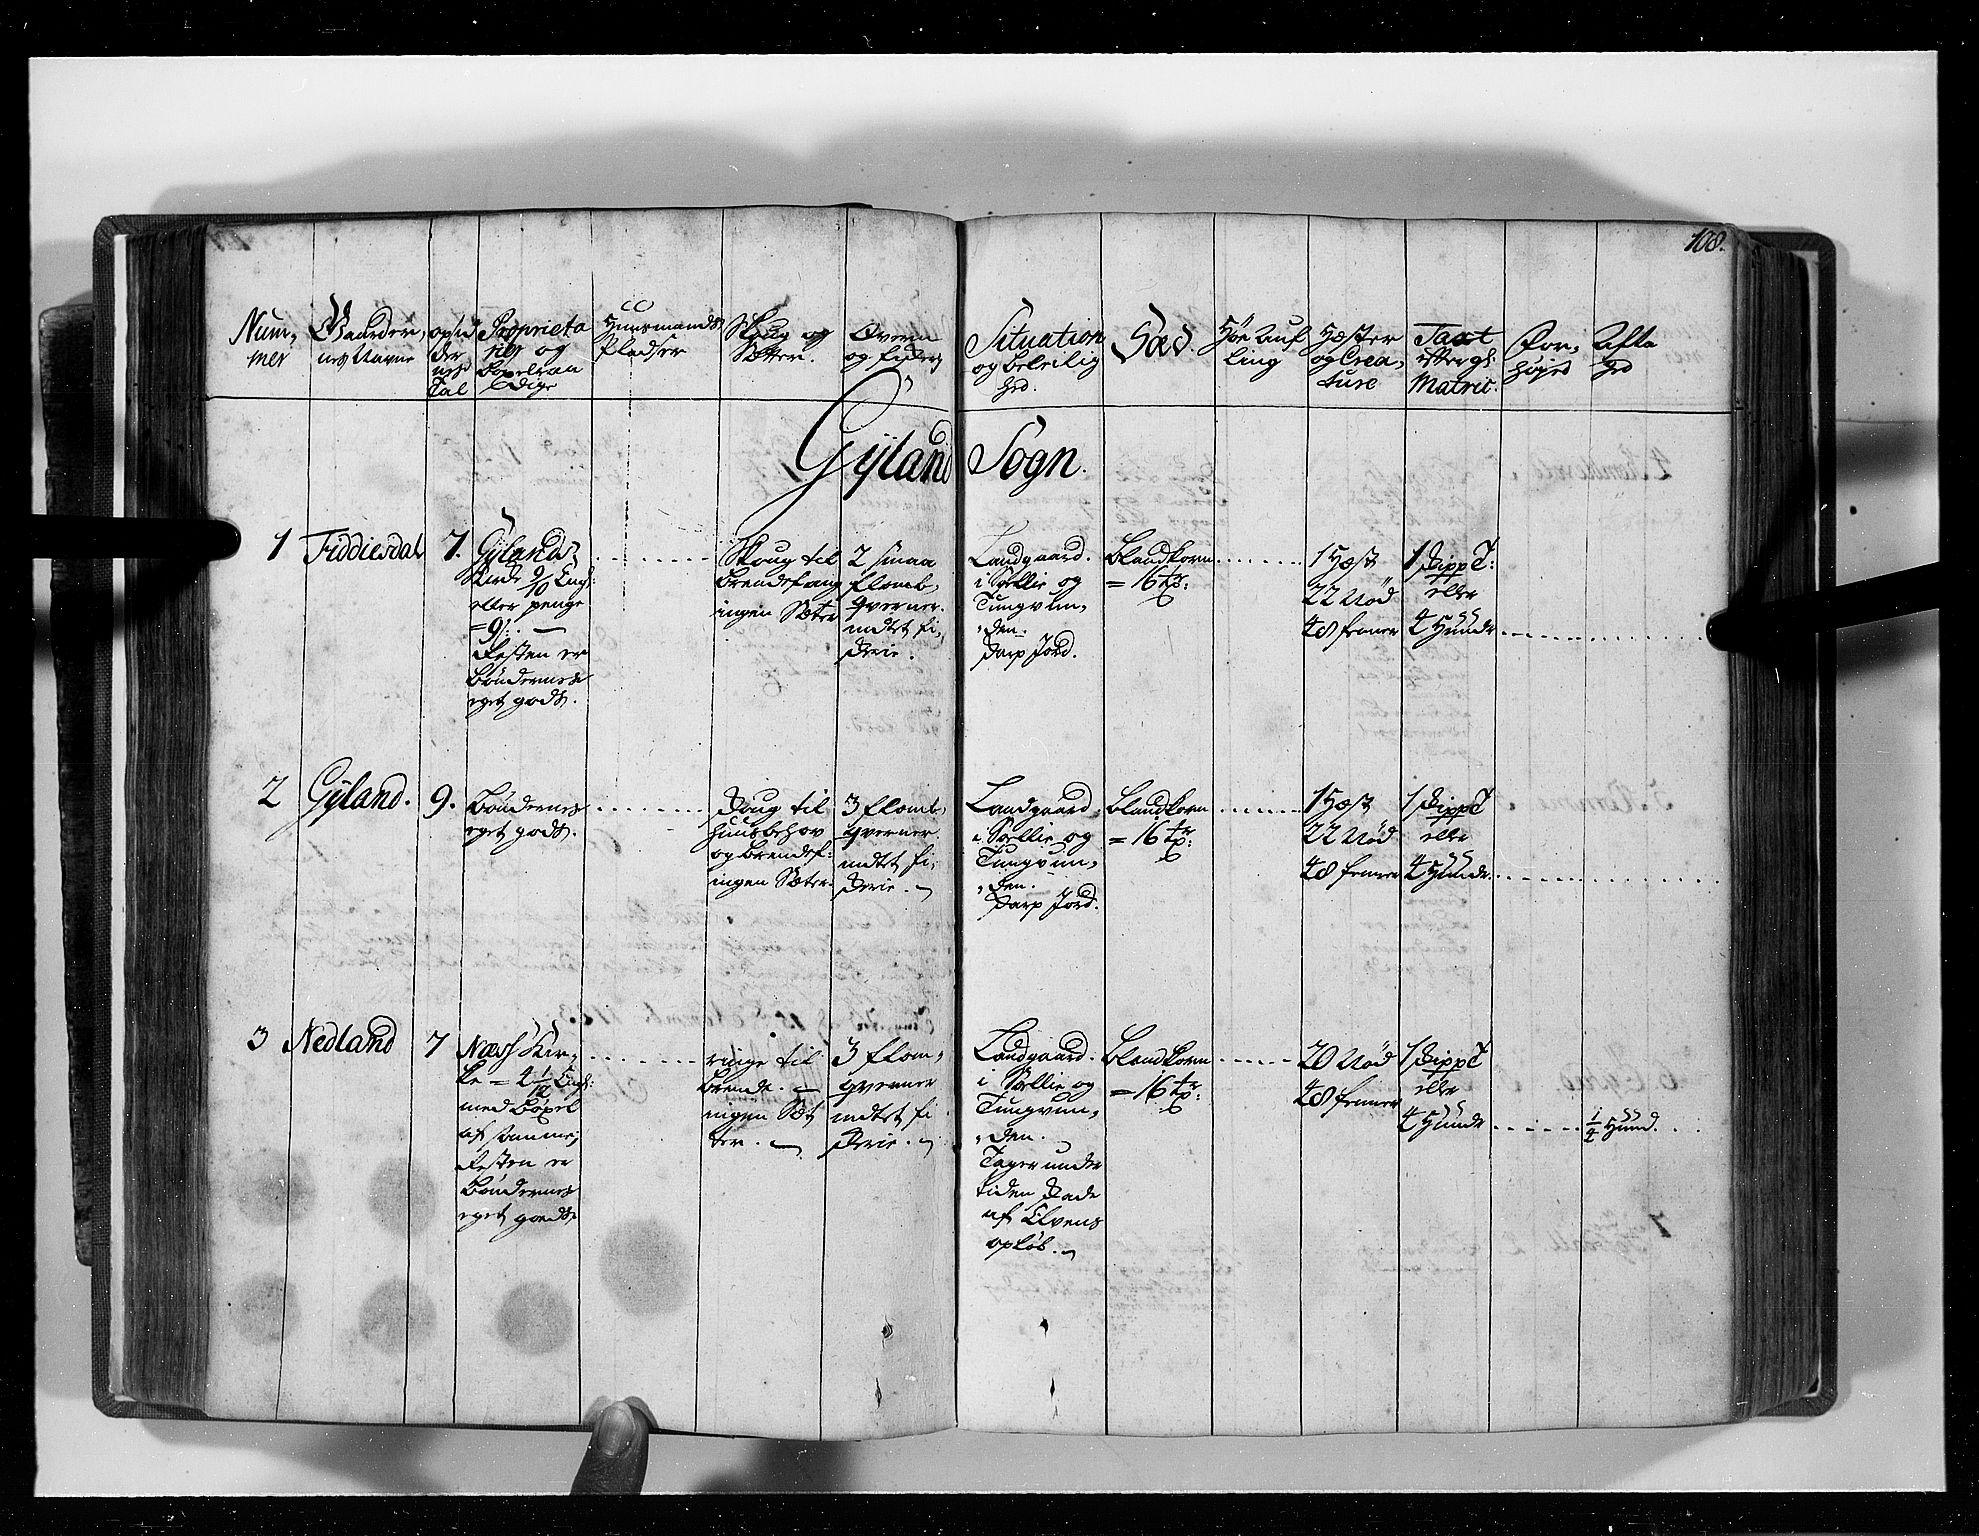 RA, Rentekammeret inntil 1814, Realistisk ordnet avdeling, N/Nb/Nbf/L0129: Lista eksaminasjonsprotokoll, 1723, s. 107b-108a